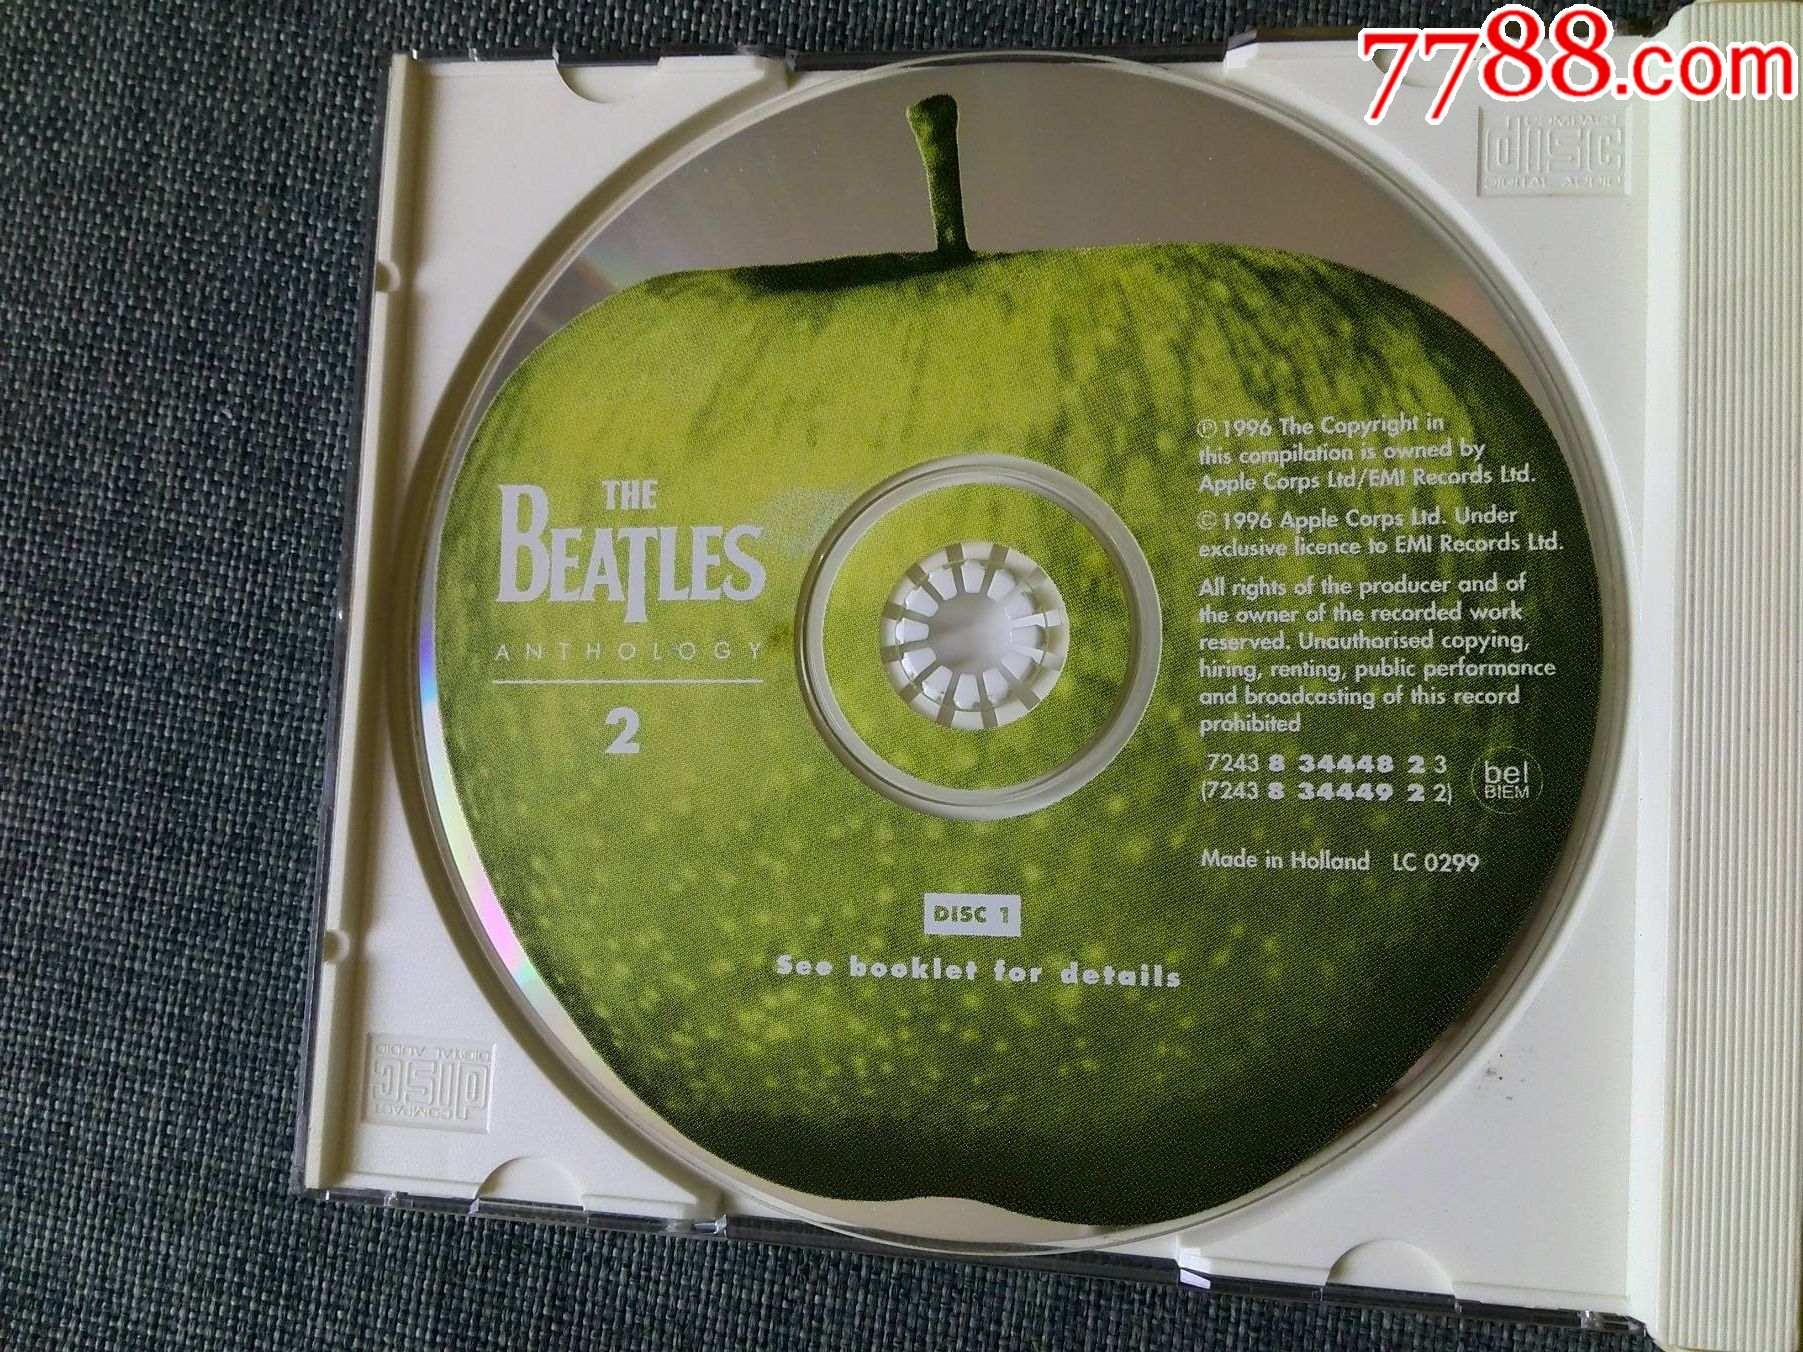 1996年英国百代唱片版,披头士专辑(2)(2CD)_价格155元_第3张_